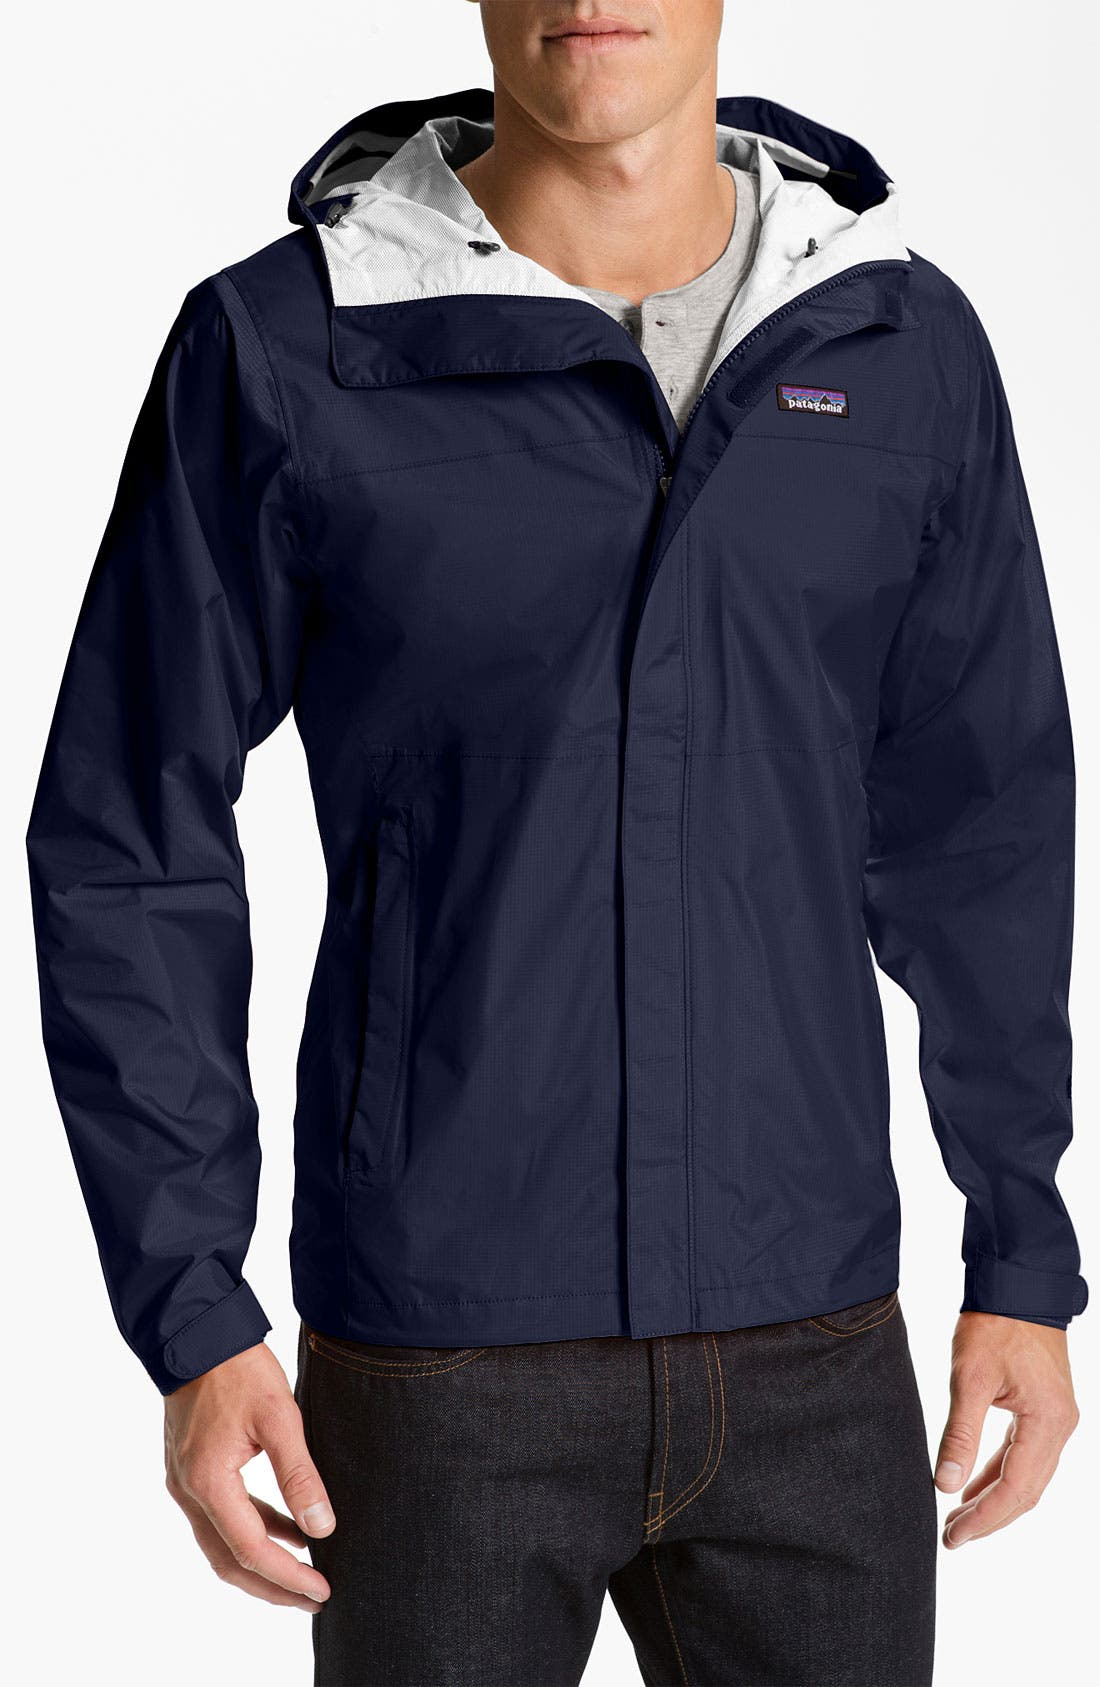 Alternate Image 1 Selected - Patagonia 'Torrentshell' Waterproof Jacket